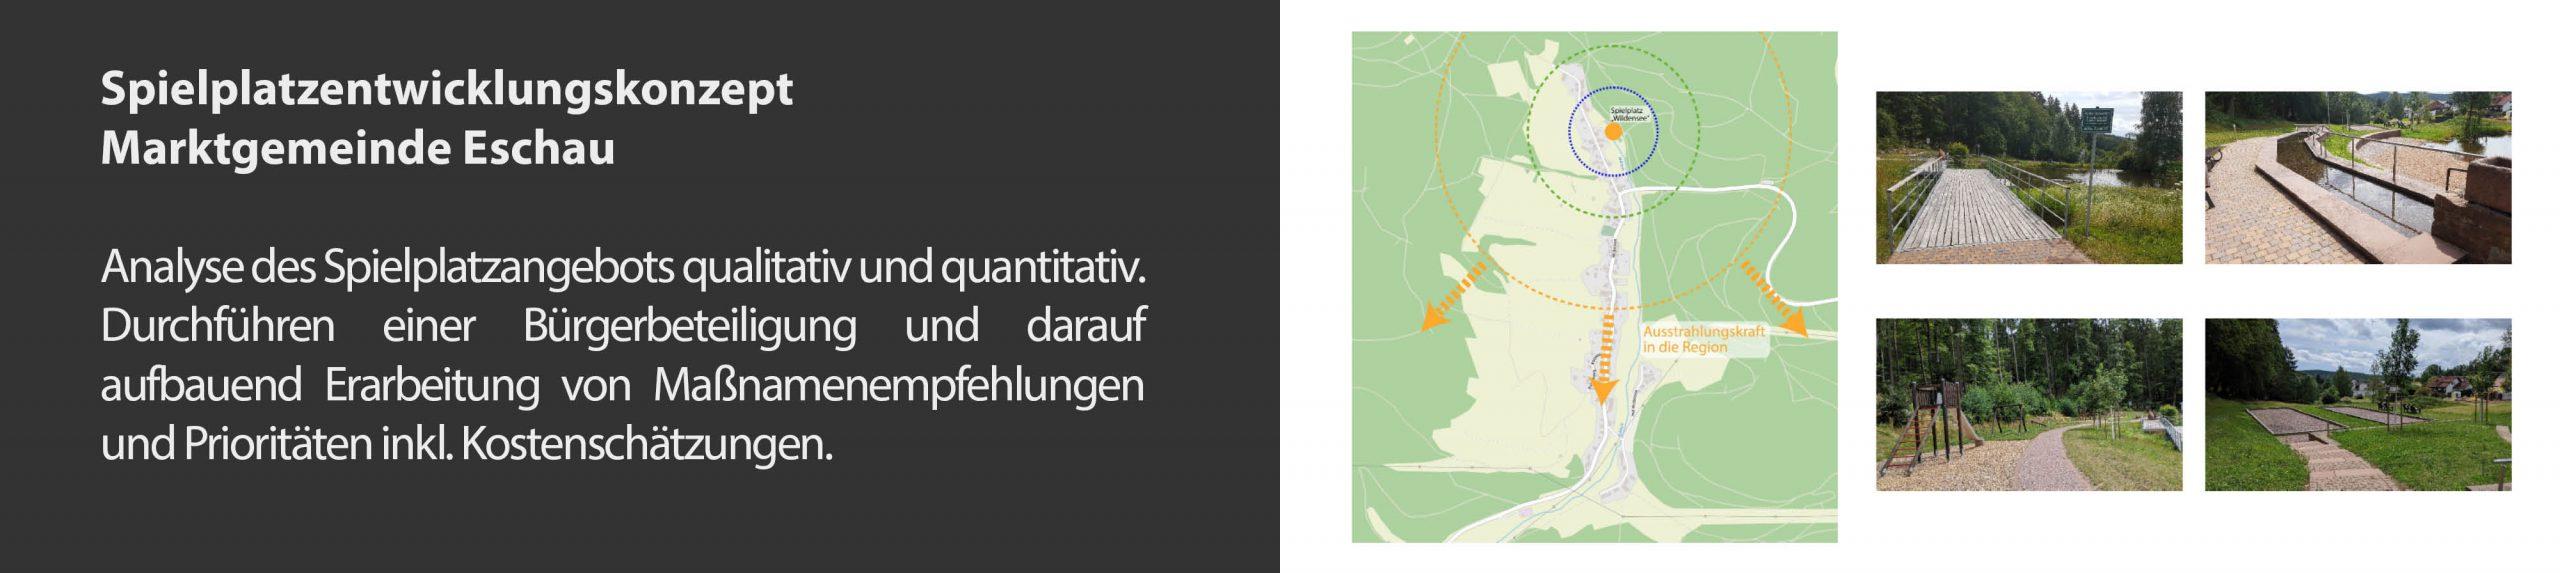 header_spielplatzentwicklung-eschau